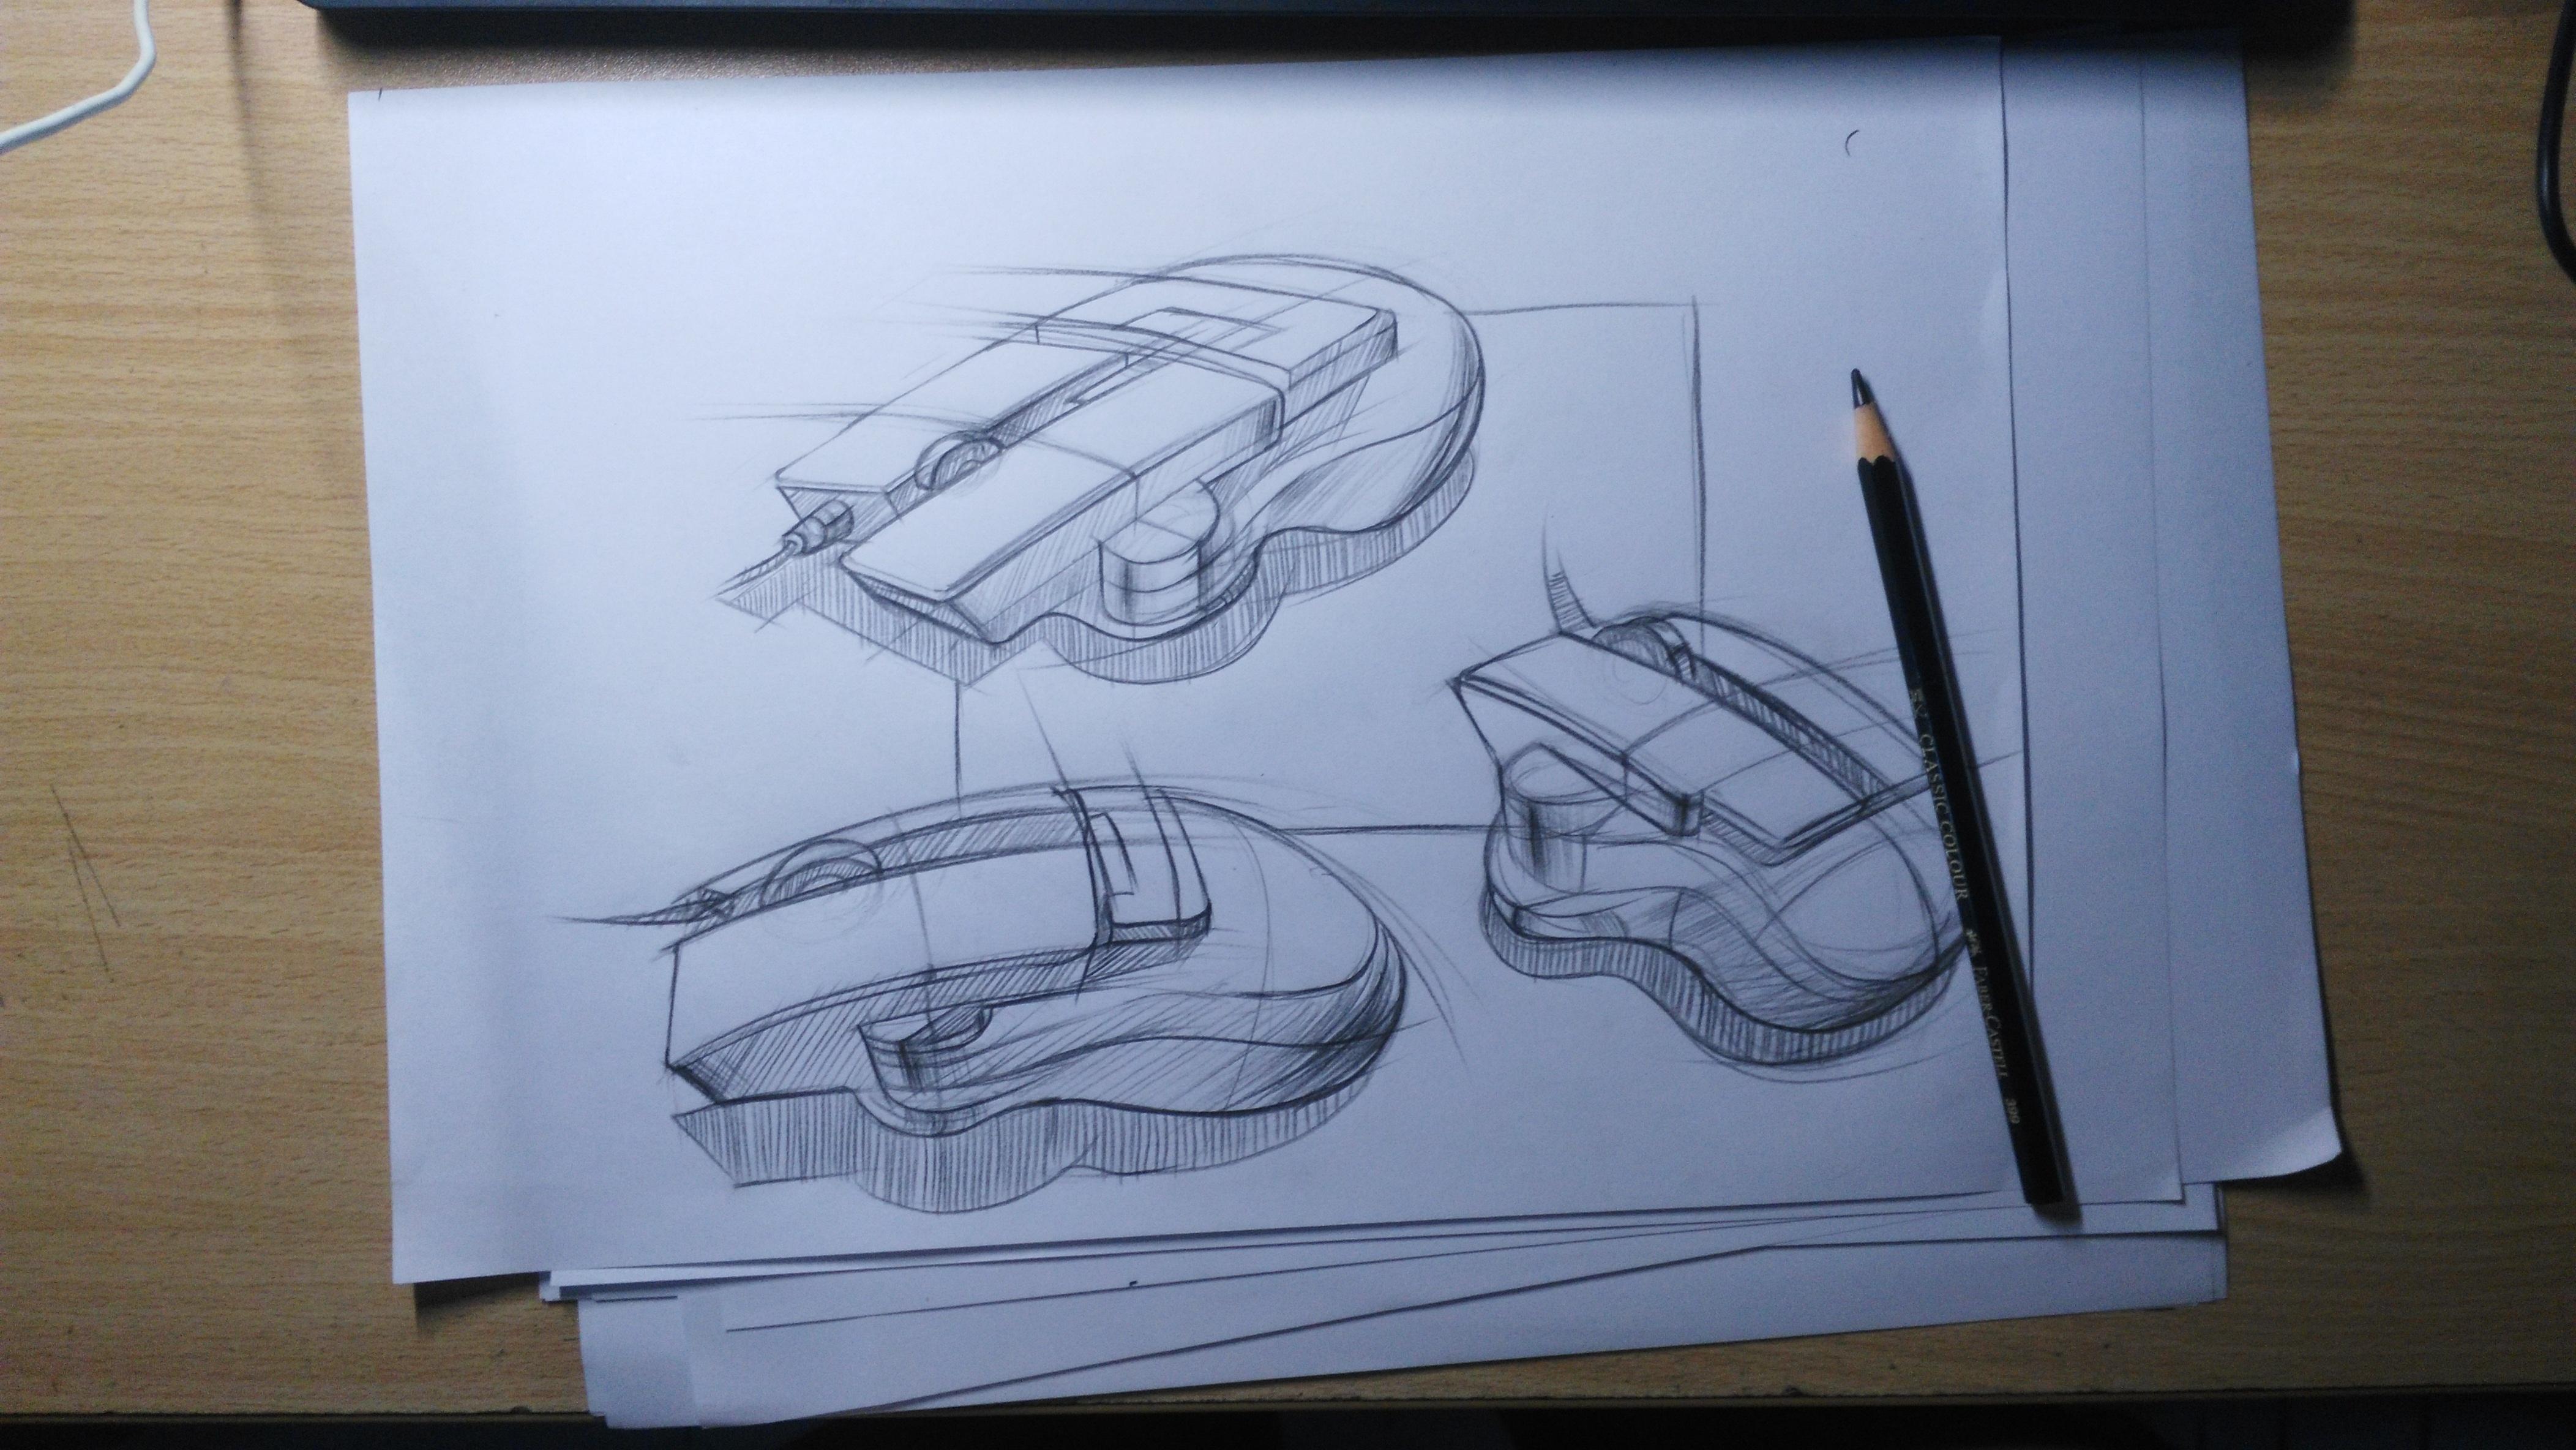 鼠标手绘|工业/产品|电子产品|享设计 - 原创作品